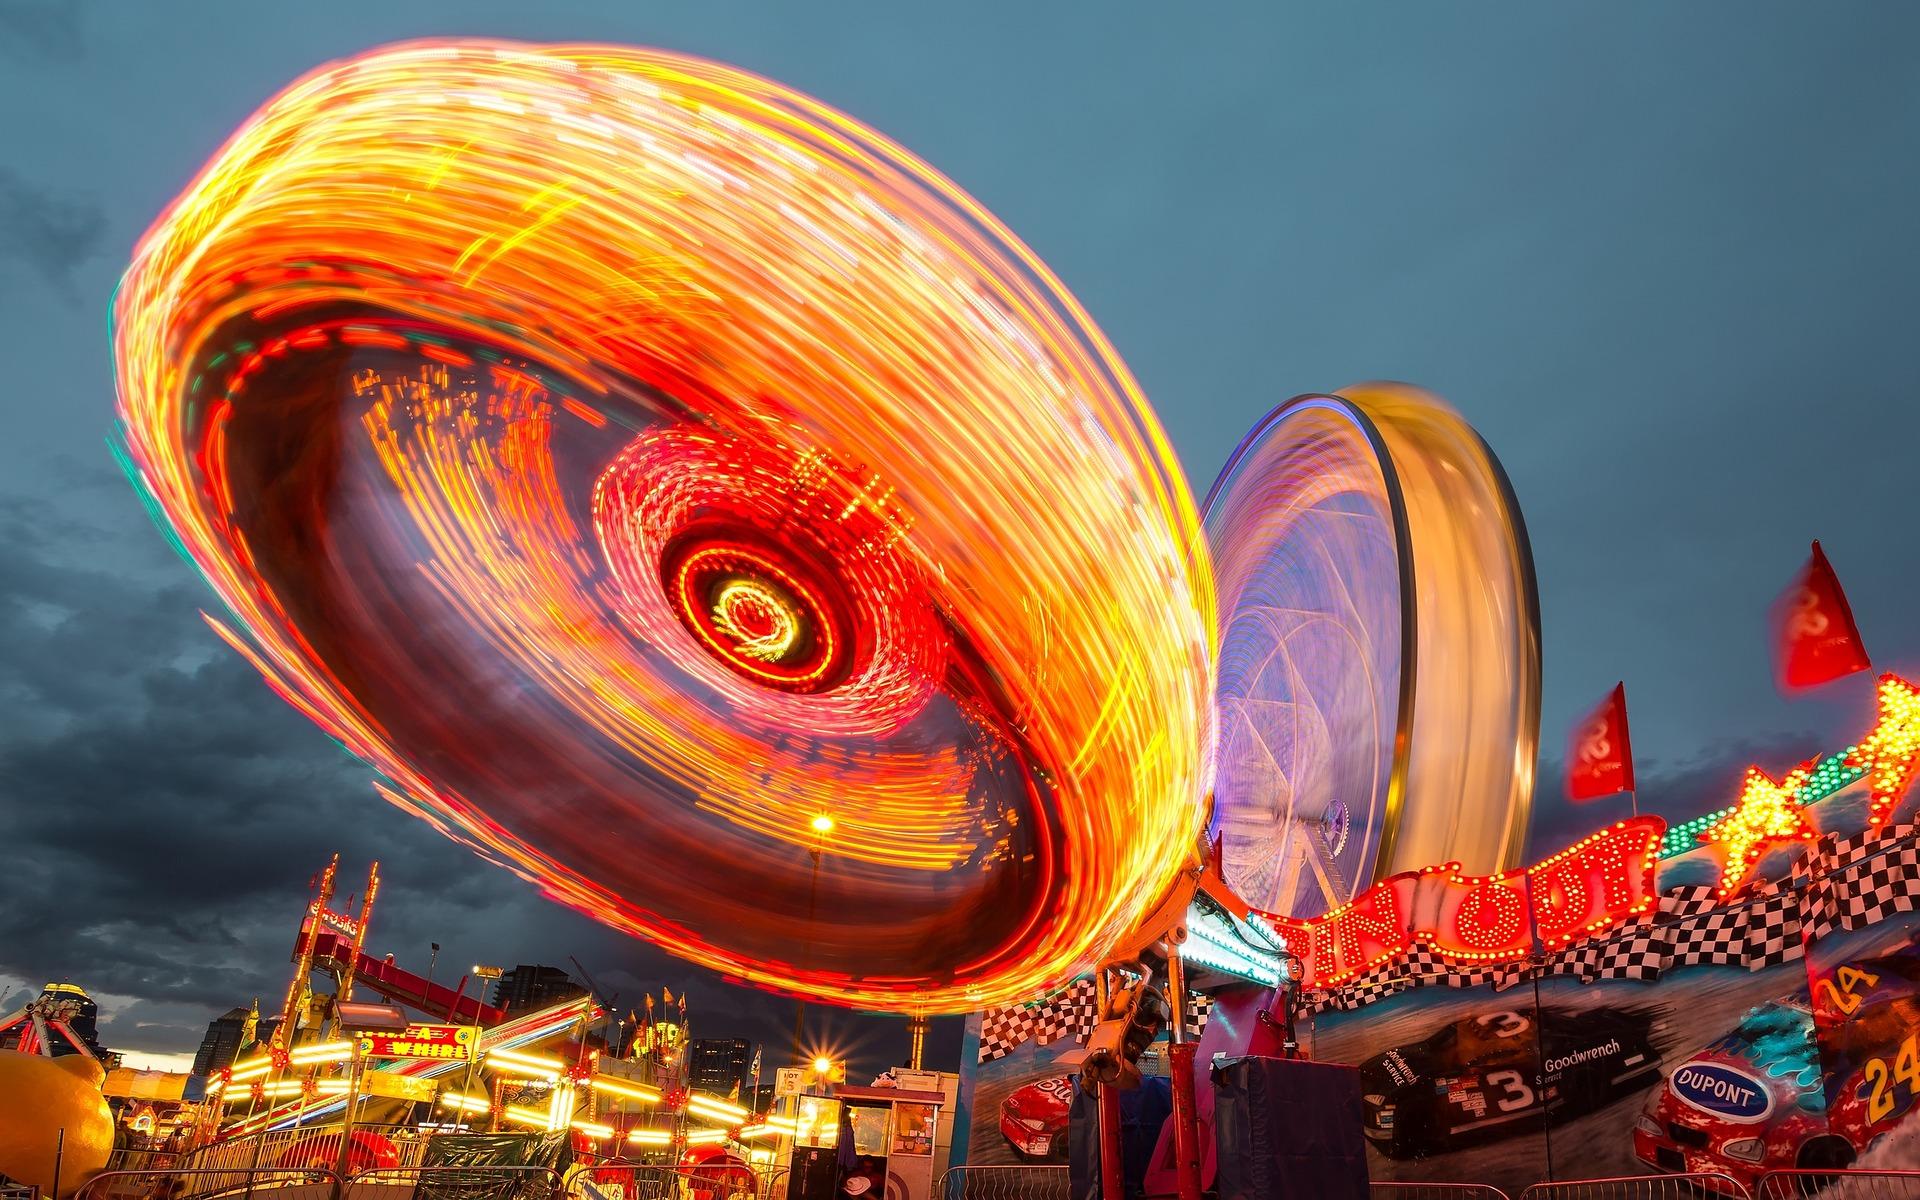 parque de atracciones, noria, luces, diversión, velocidad, movimiento - Fondos de Pantalla HD - professor-falken.com